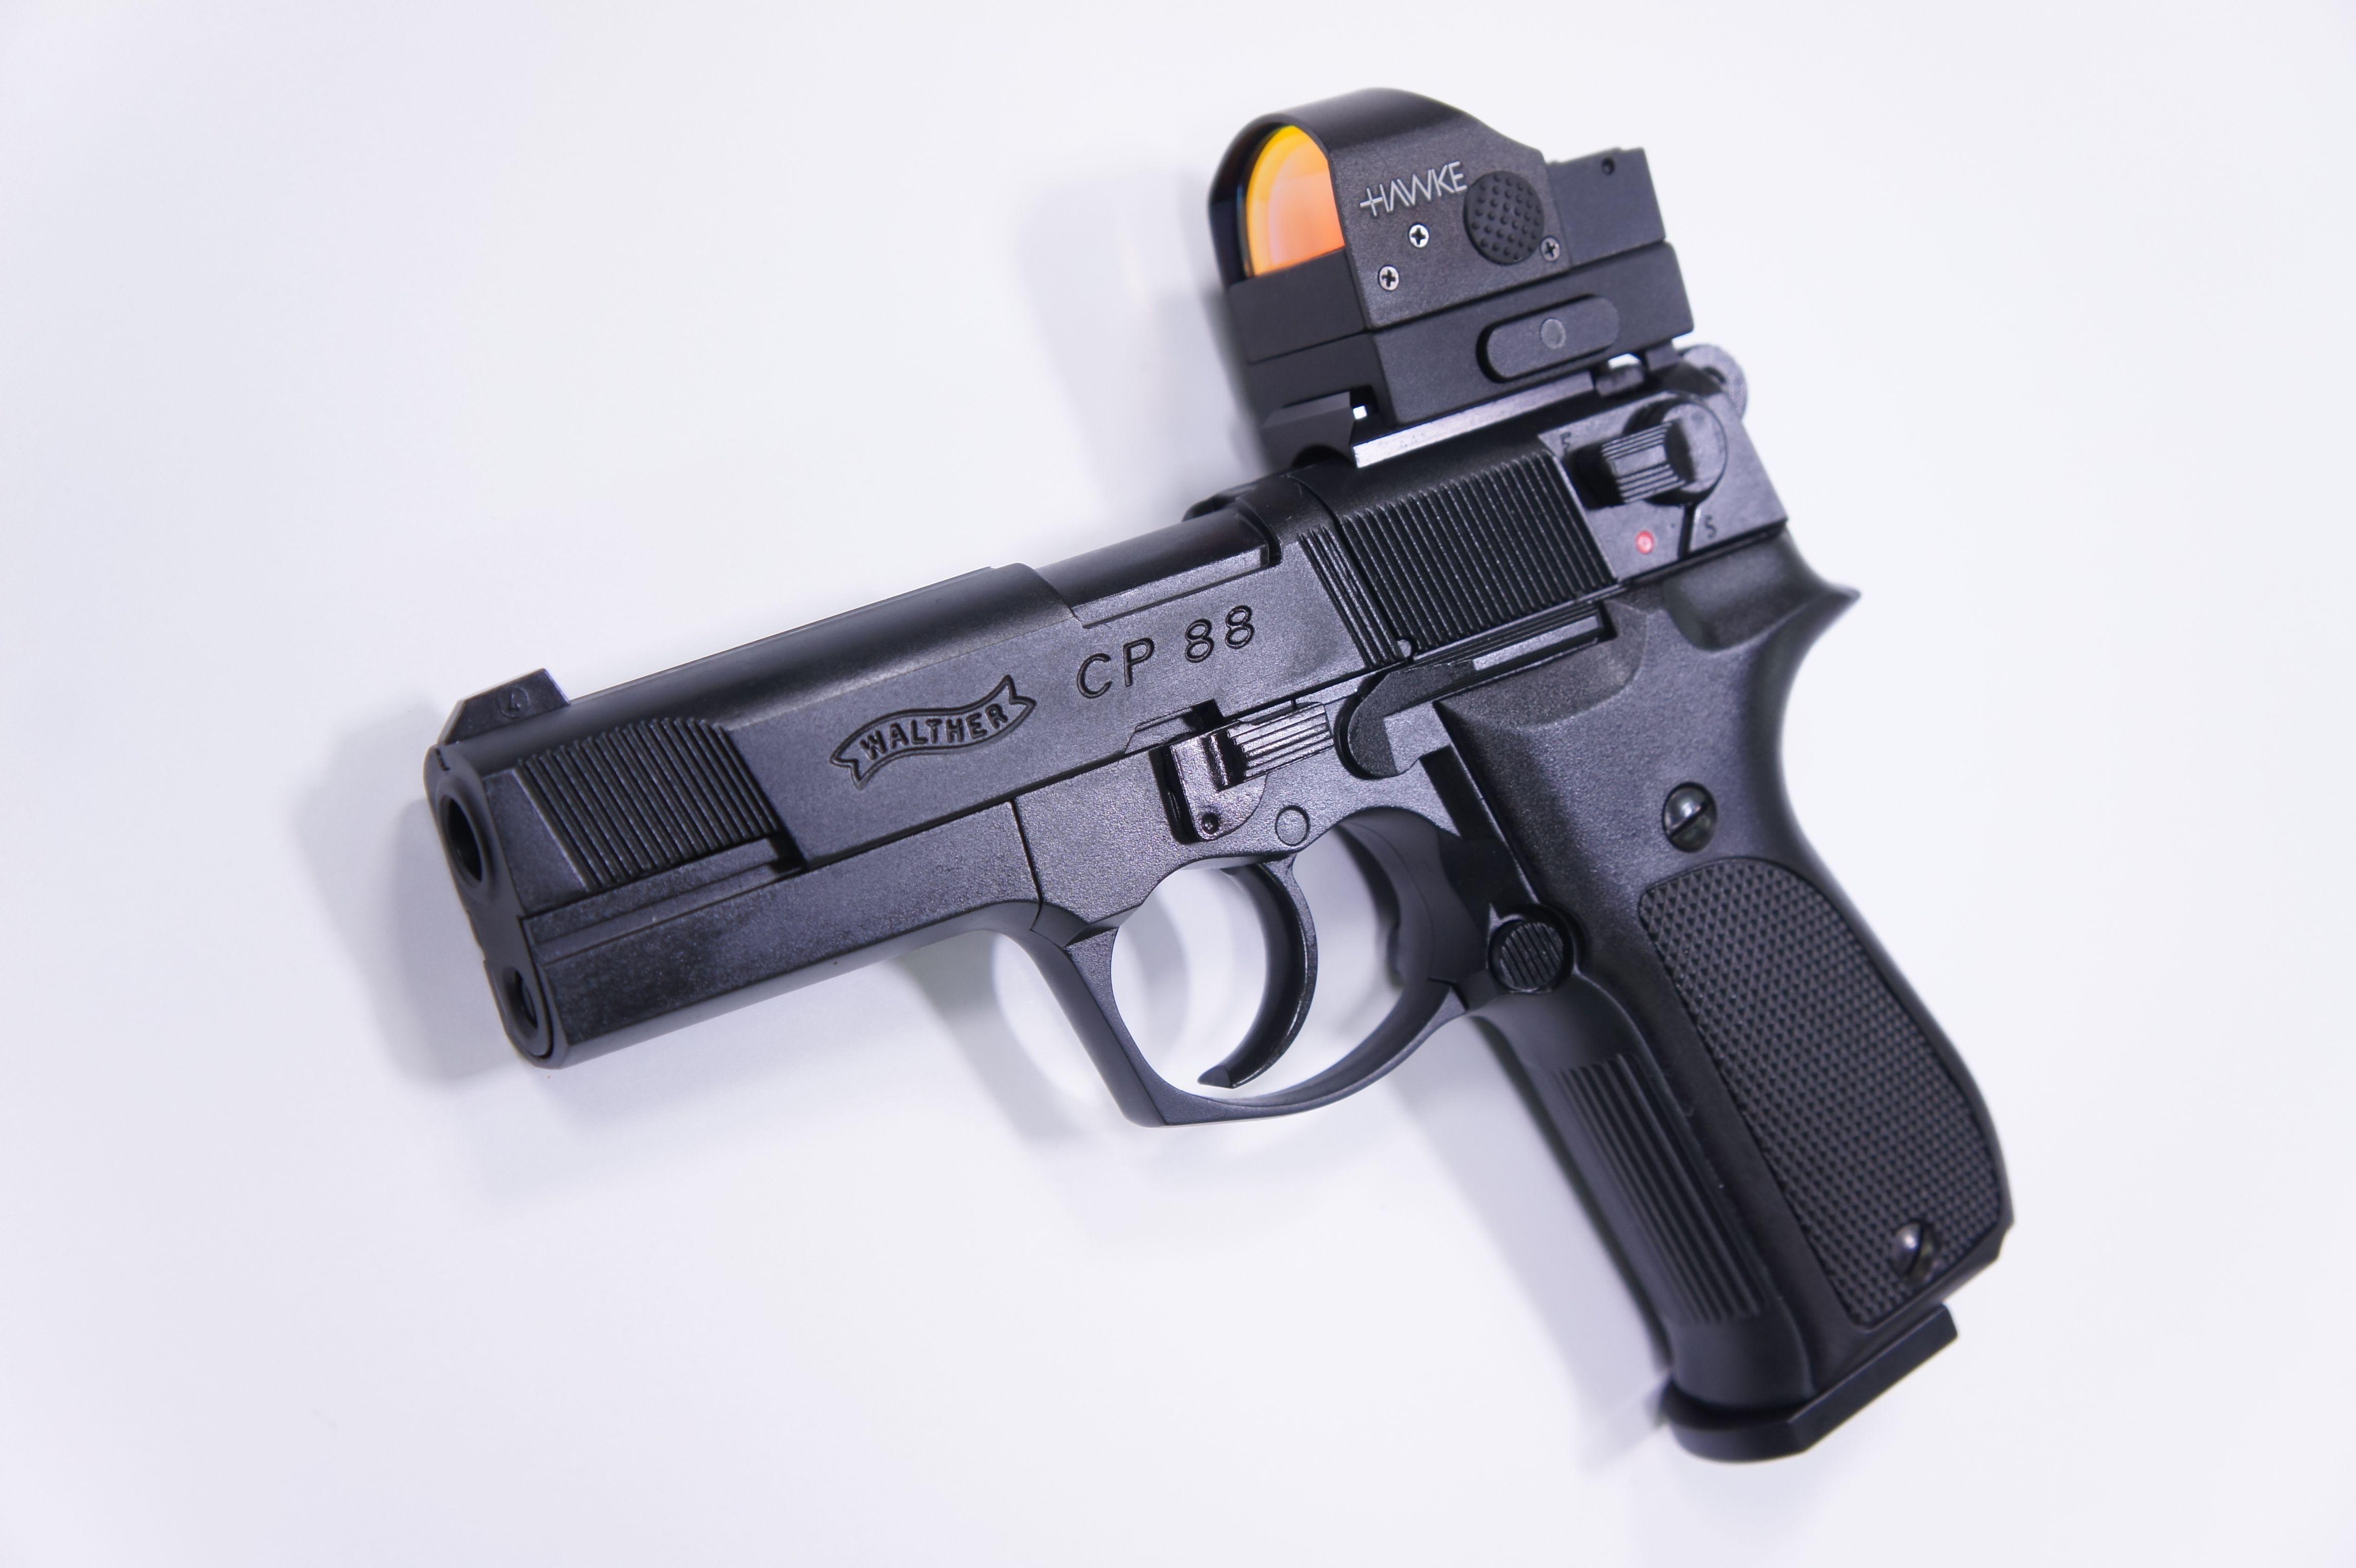 Montagebeispiel: Hawke Reflexvisier  auf  <a href=1050061.htm> CO2 Pistole Walther CP88 schwarz, 4 Zoll</a> mit bei uns hergestellter Montageschiene.